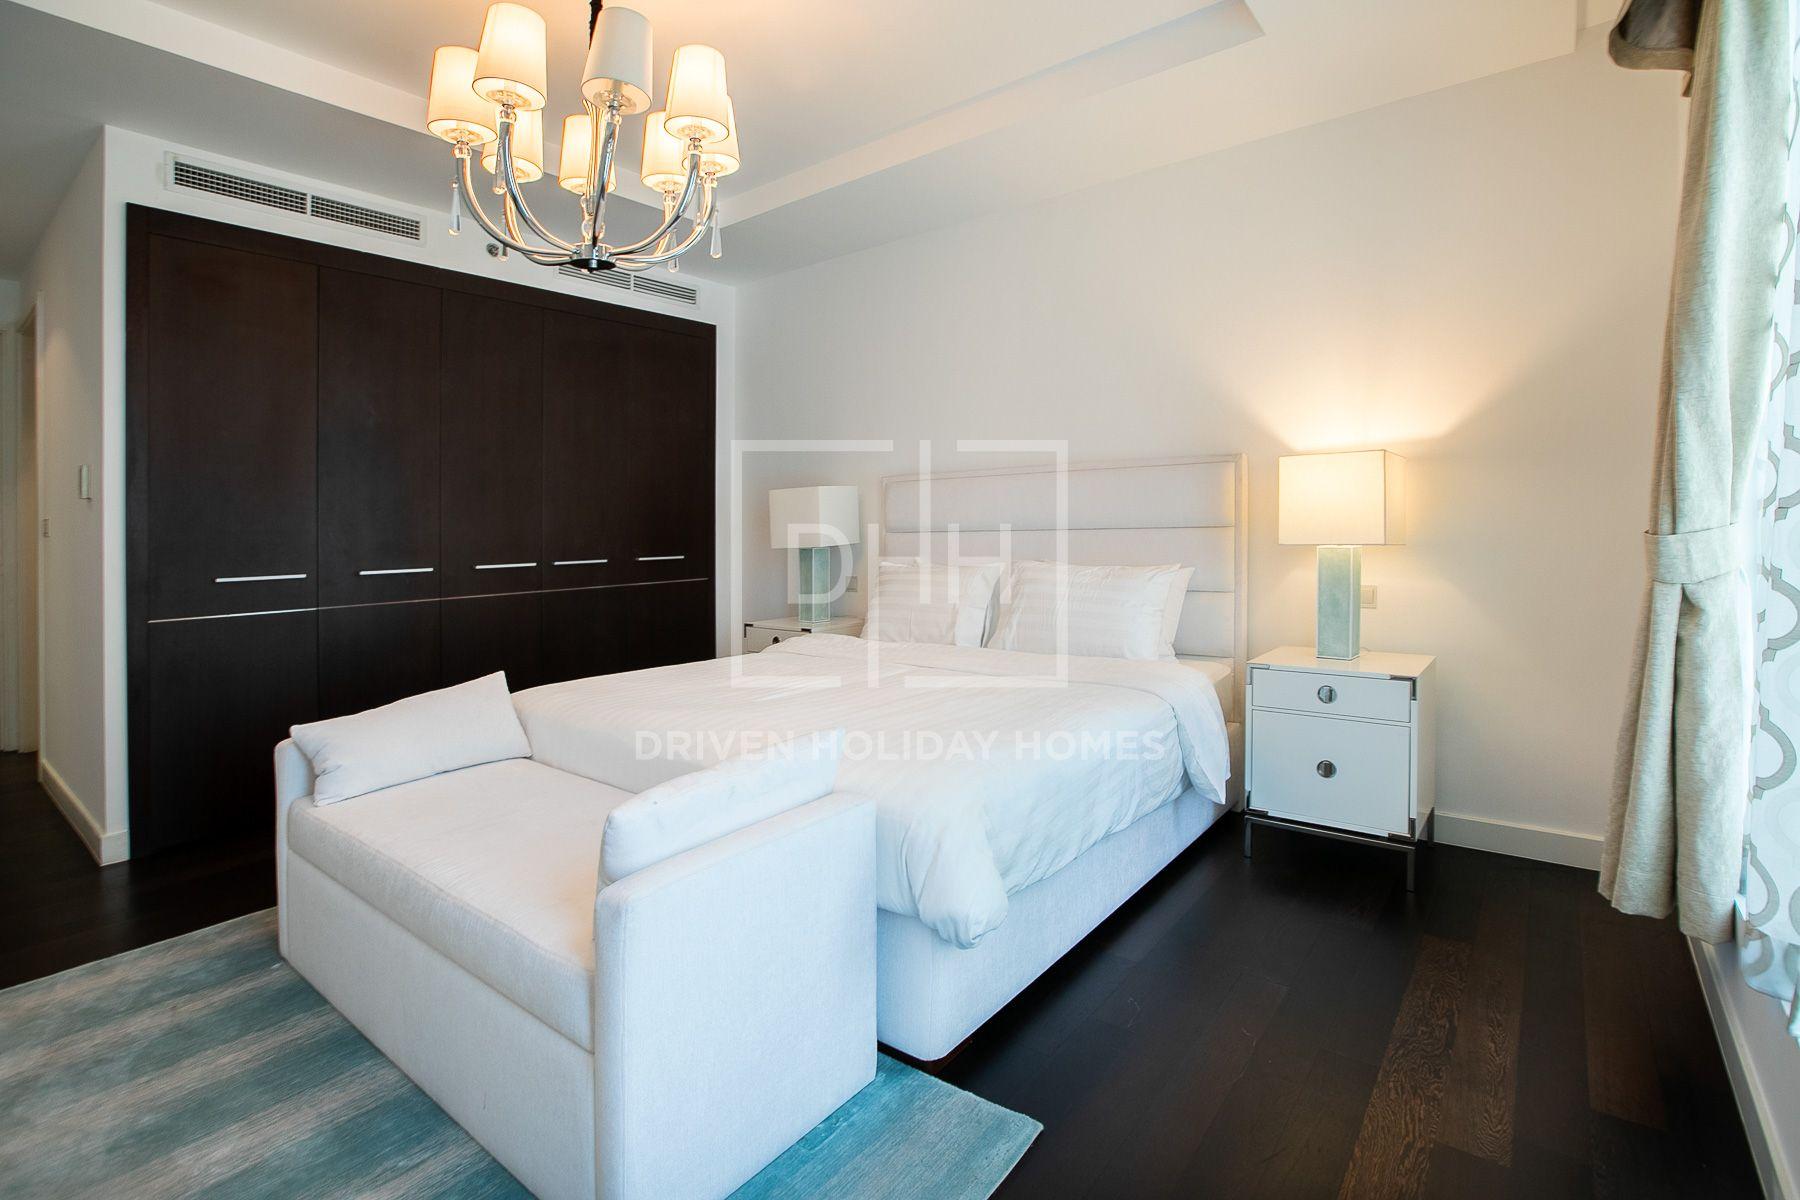 للايجار - شقة - لايم ستون هاوس - مركز دبي المالي العالمي